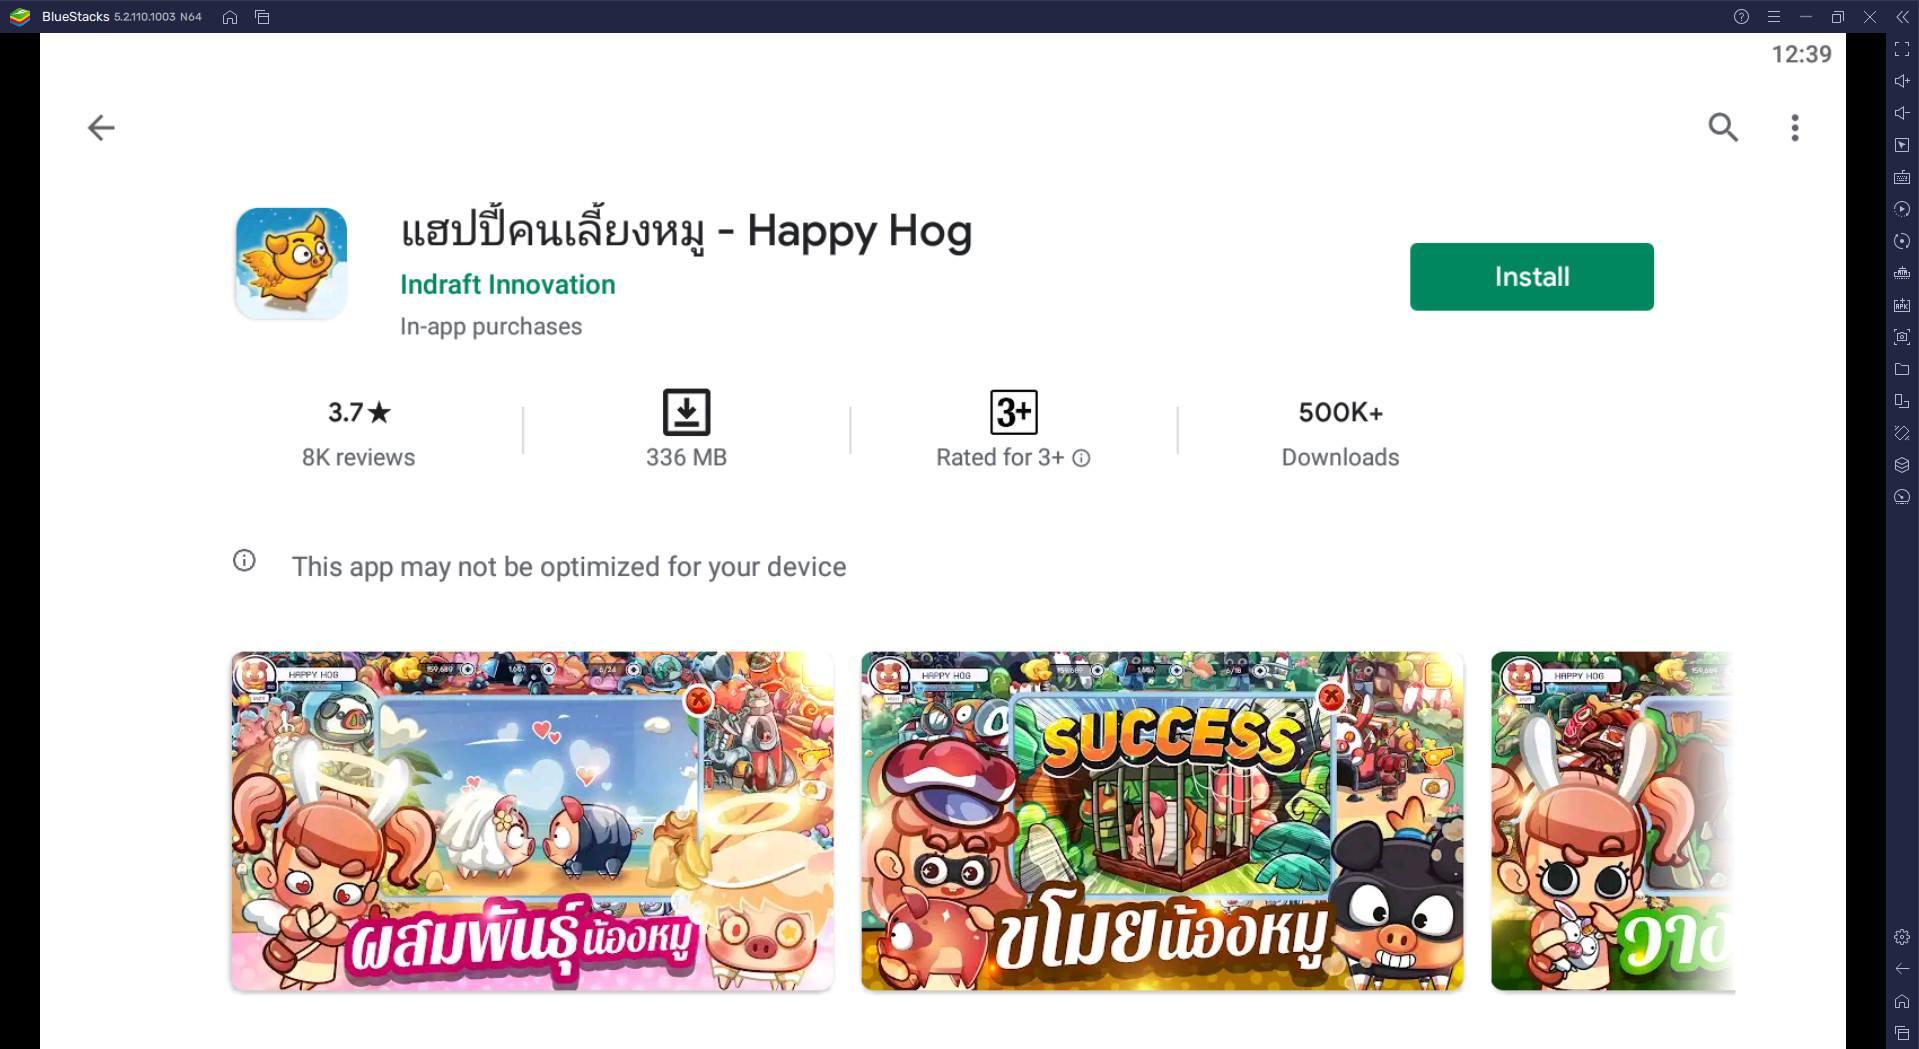 วิธีติดตั้งและเล่น แฮปปี้คนเลี้ยงหมู – Happy Hog บน PC และ Mac ผ่าน BlueStacks